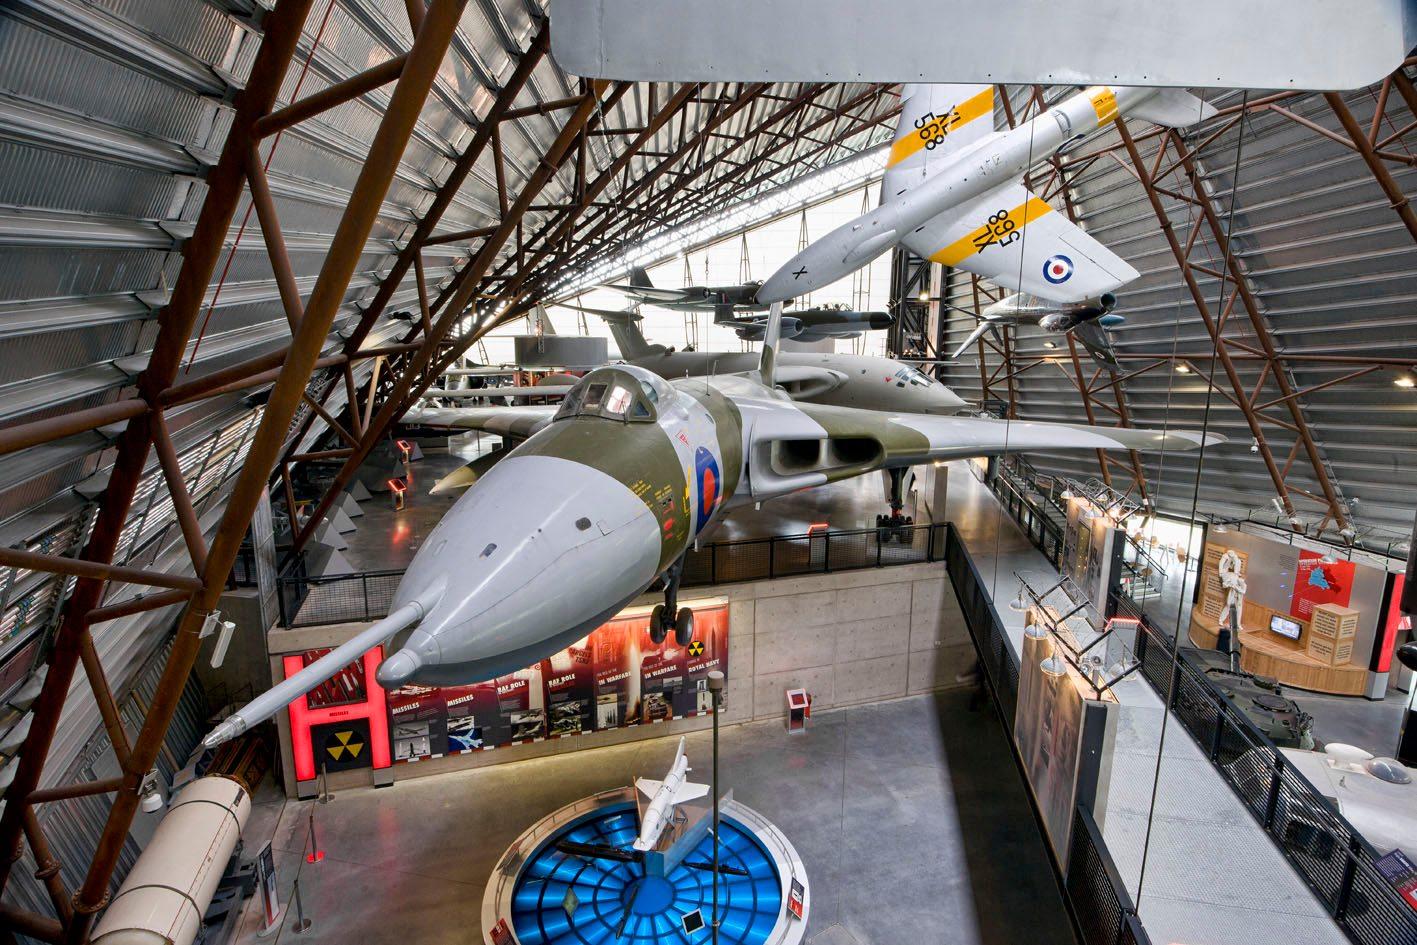 Vulcan_NCWE_Hangar_image